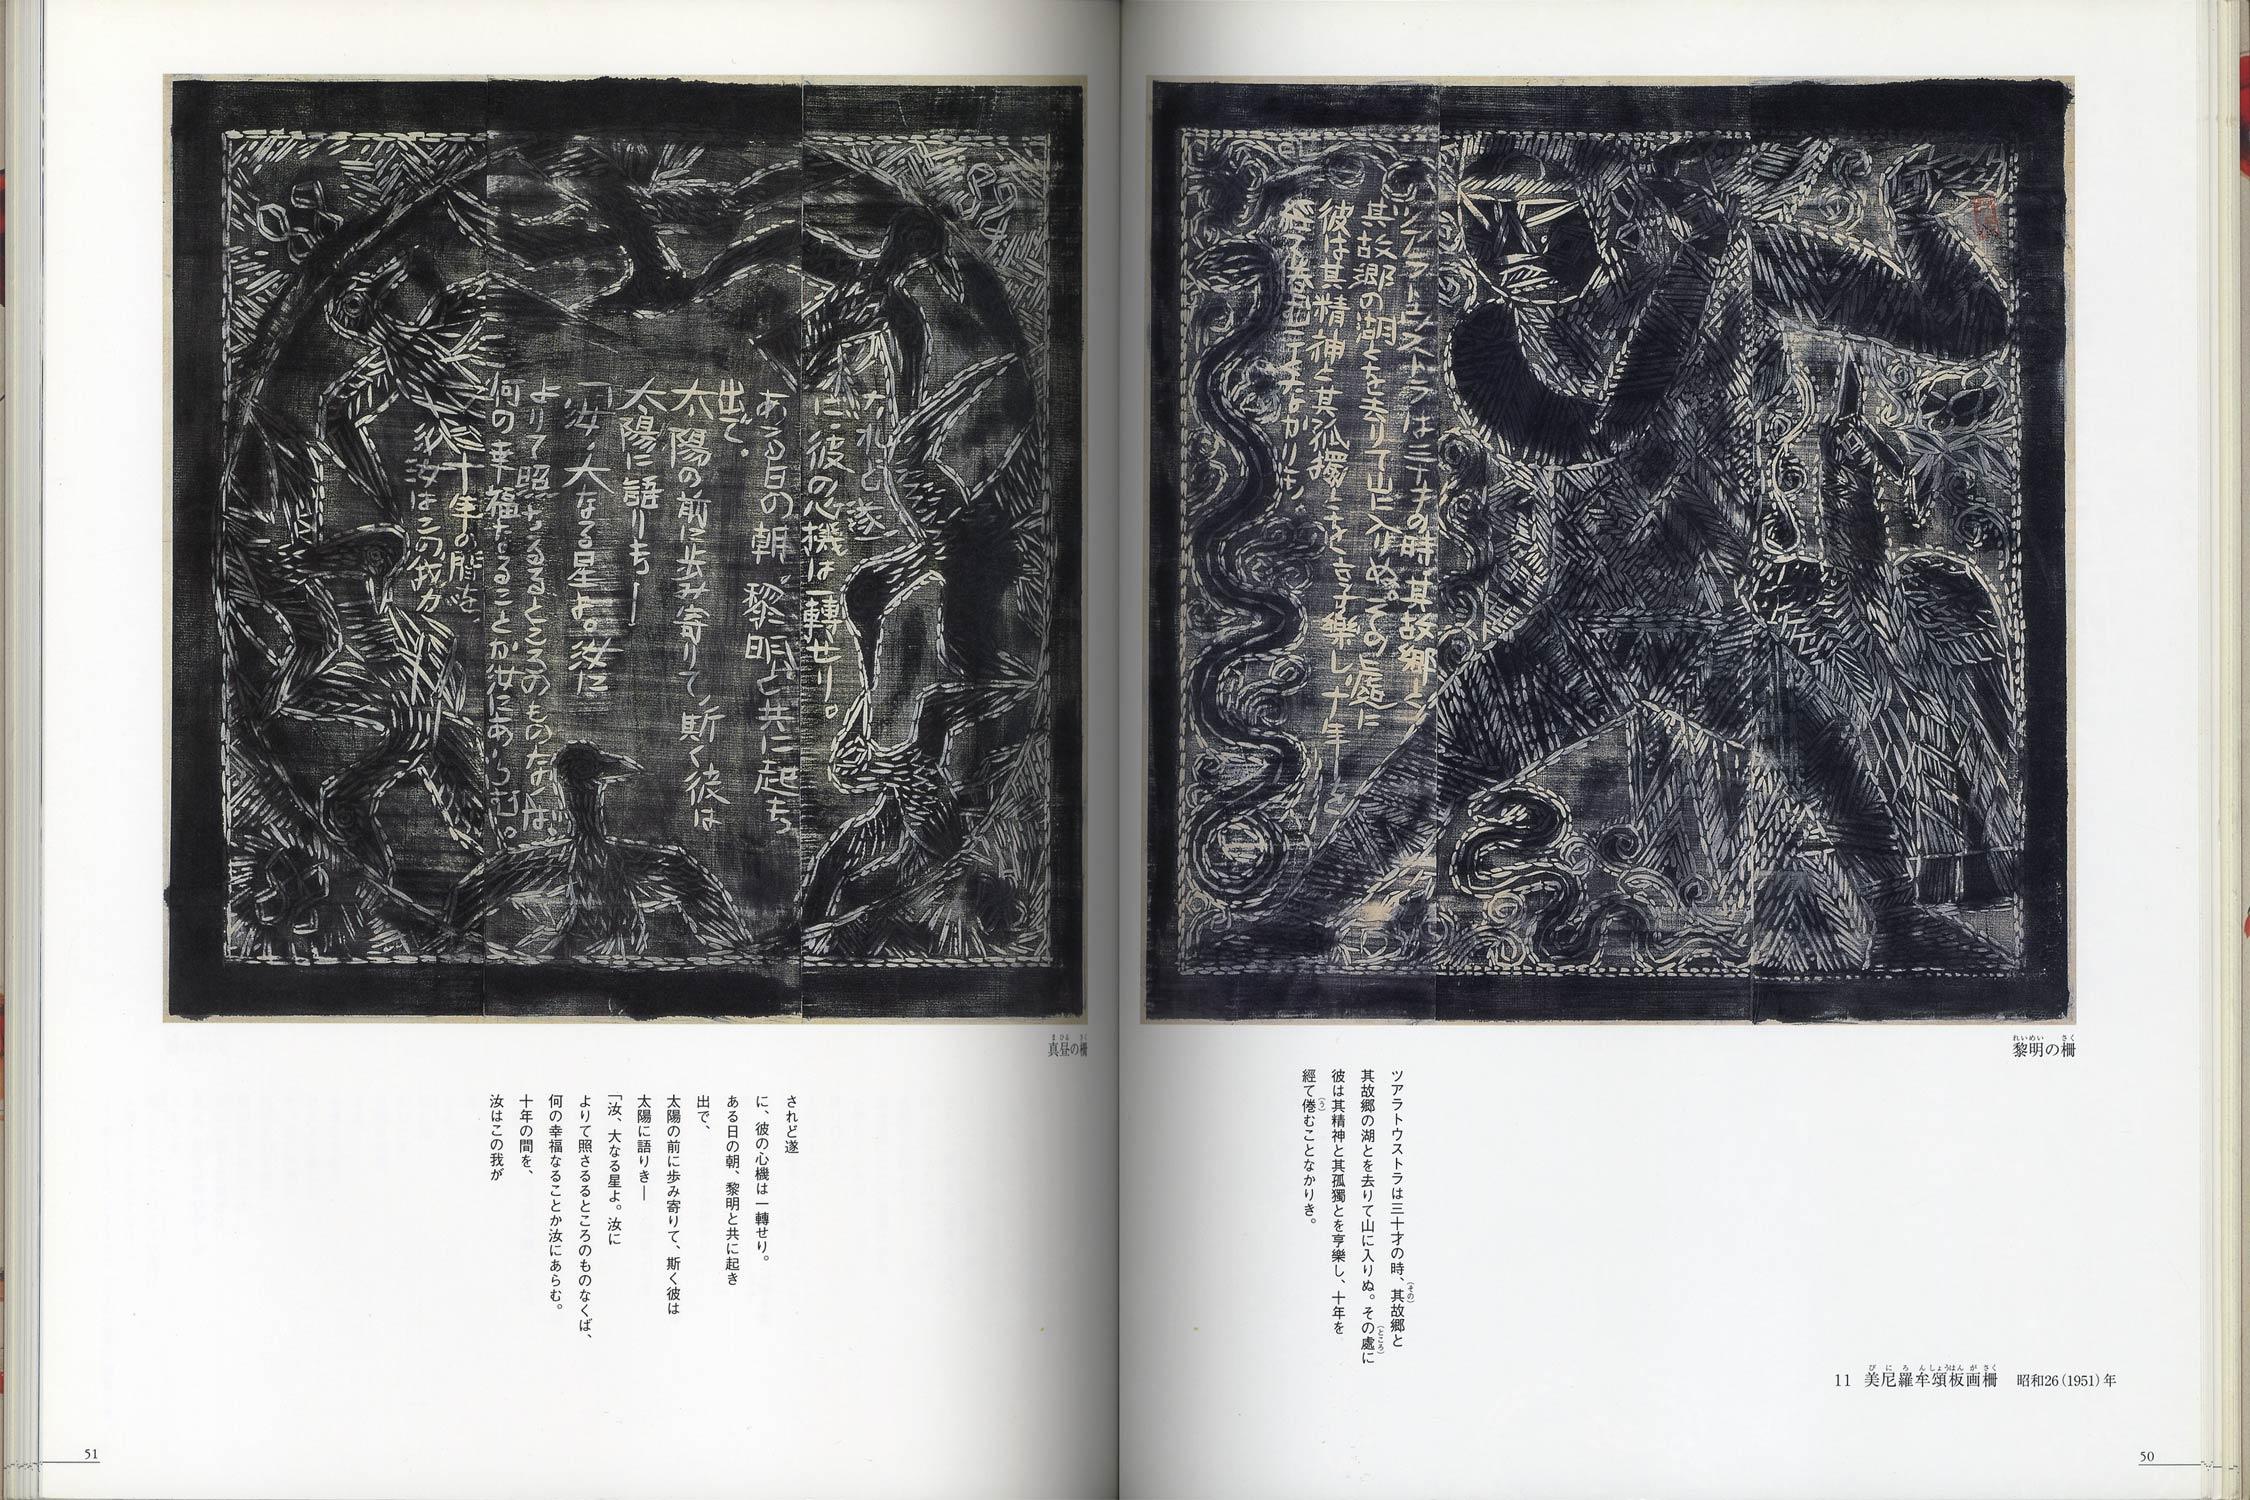 棟方志功展 生誕一〇〇年 大原美術館所蔵[image2]